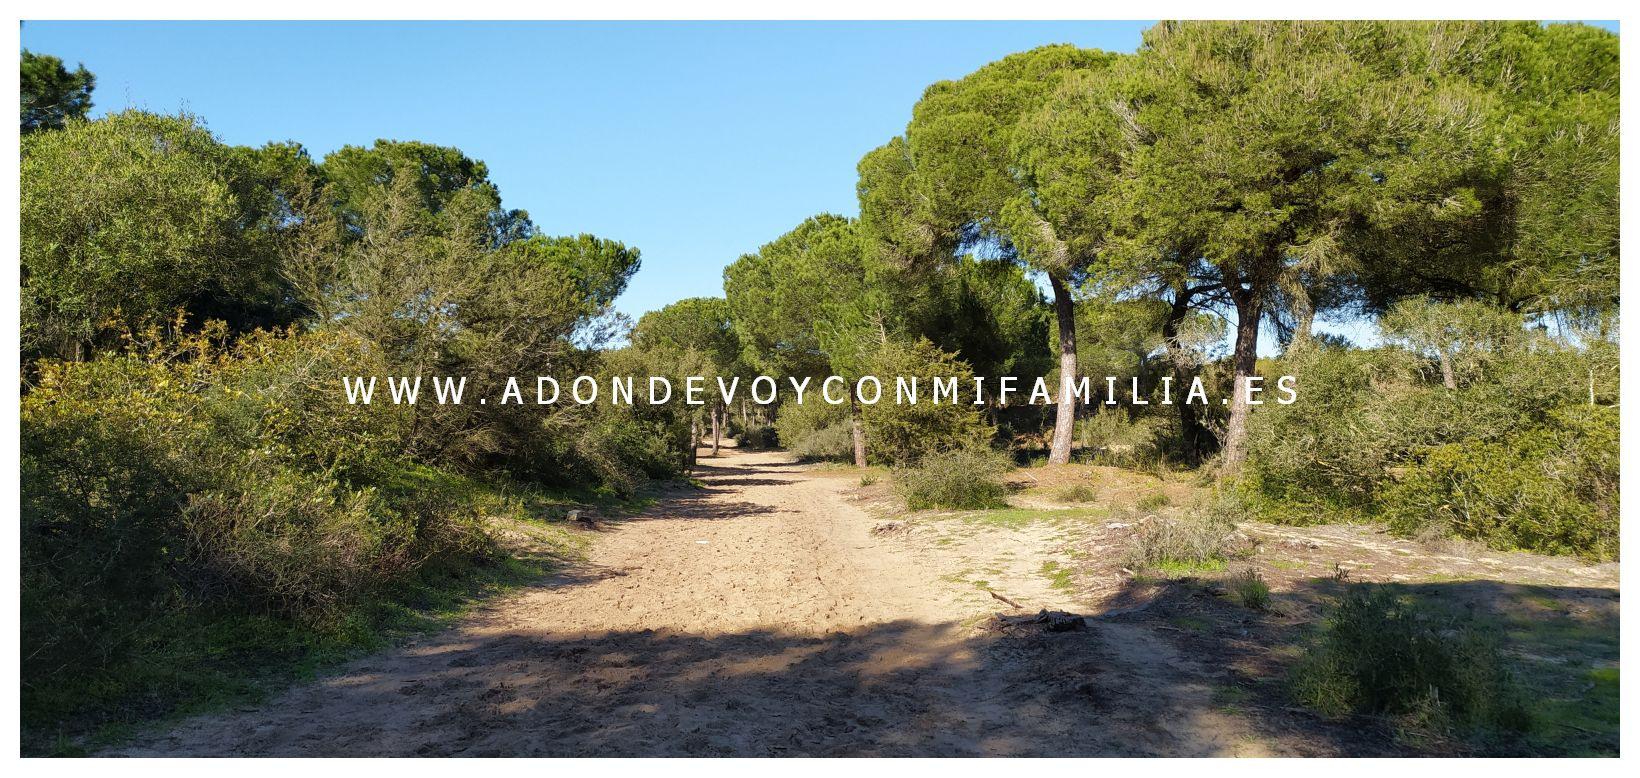 sendero-cerro-del-aguila-pinar-de-la-algaida-sanlucar-adondevoyconmifamilia-19